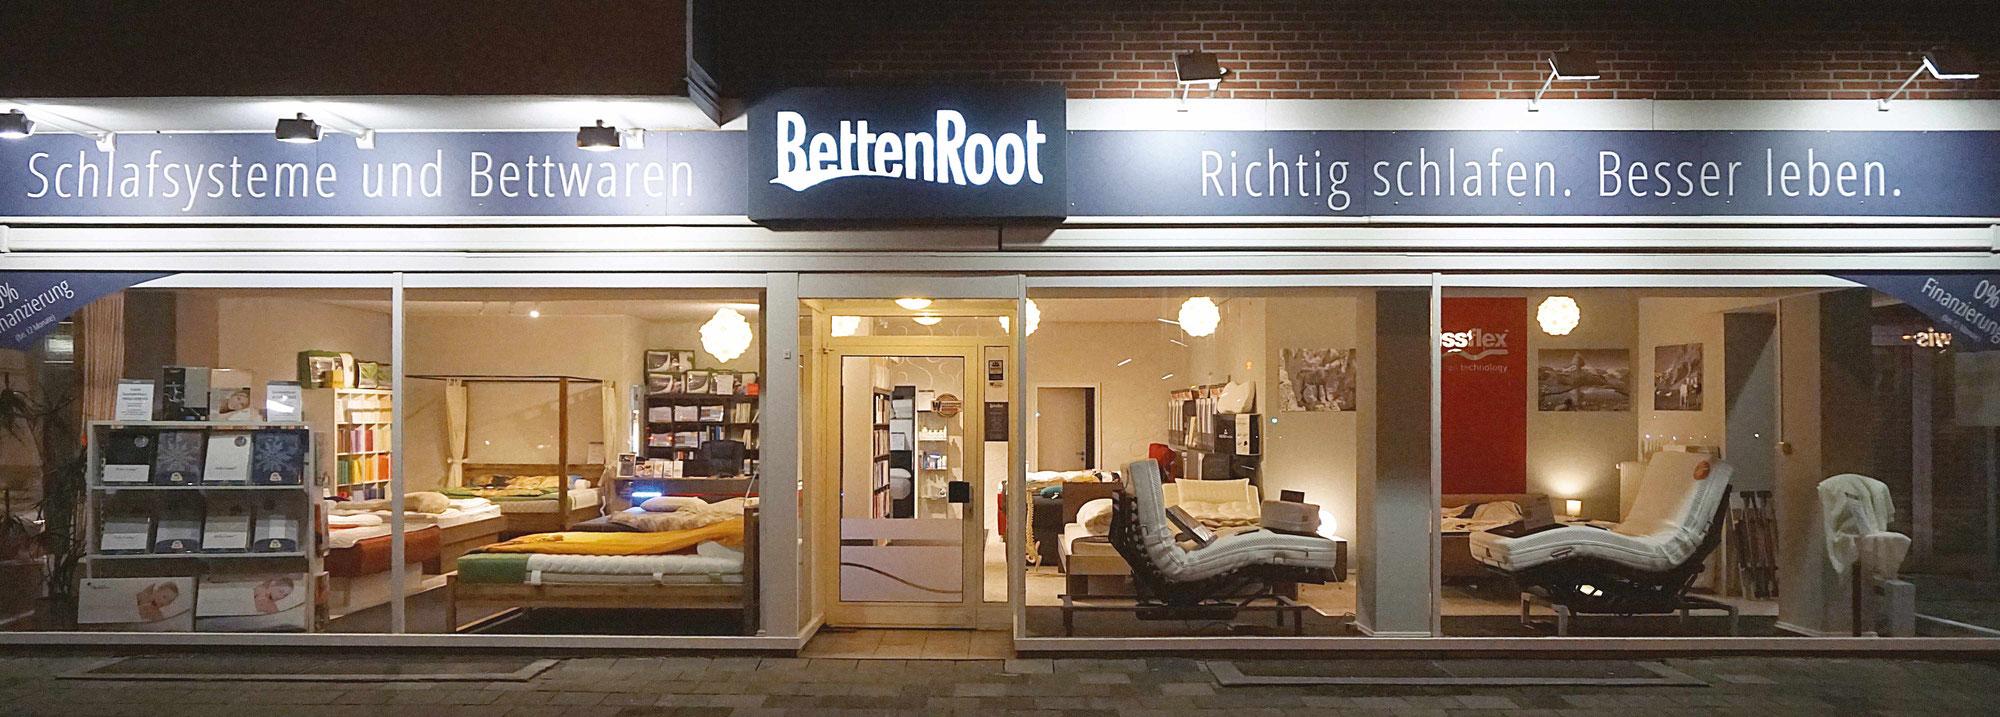 service rund ums bett - bettenfachgeschäft wilhelmshaven, Schlafzimmer entwurf